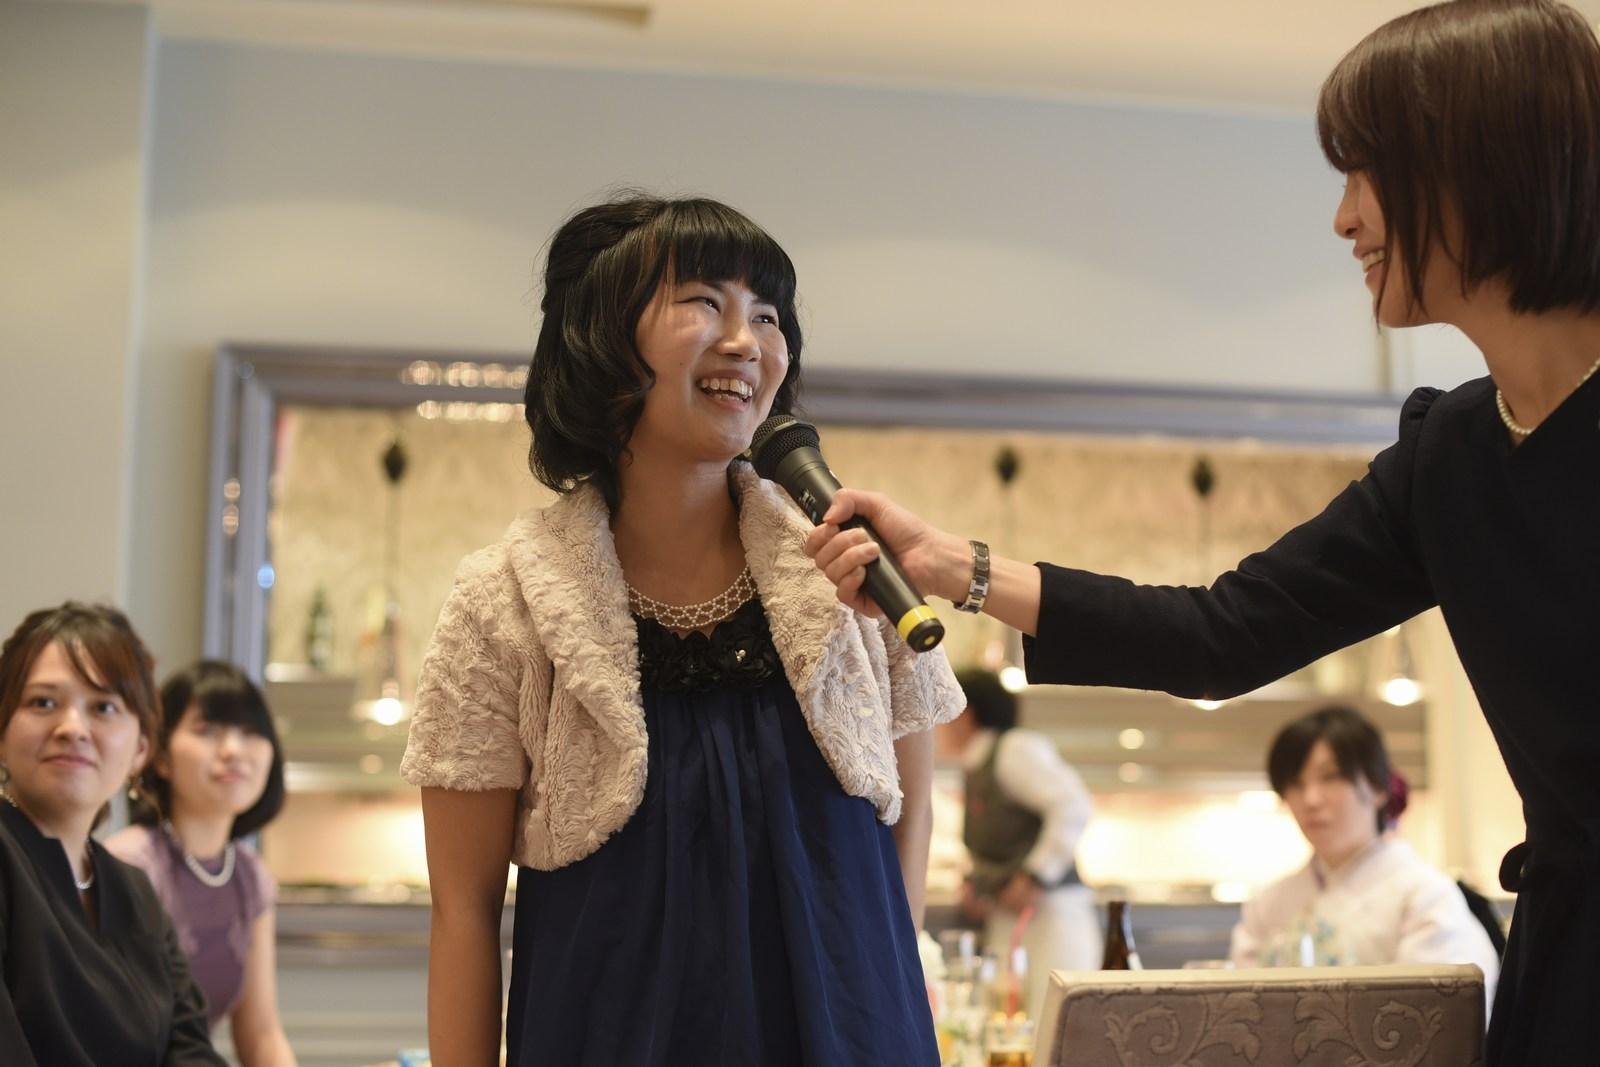 徳島市の結婚式場ブランアンジュでテーブルスピーチをしているゲスト様